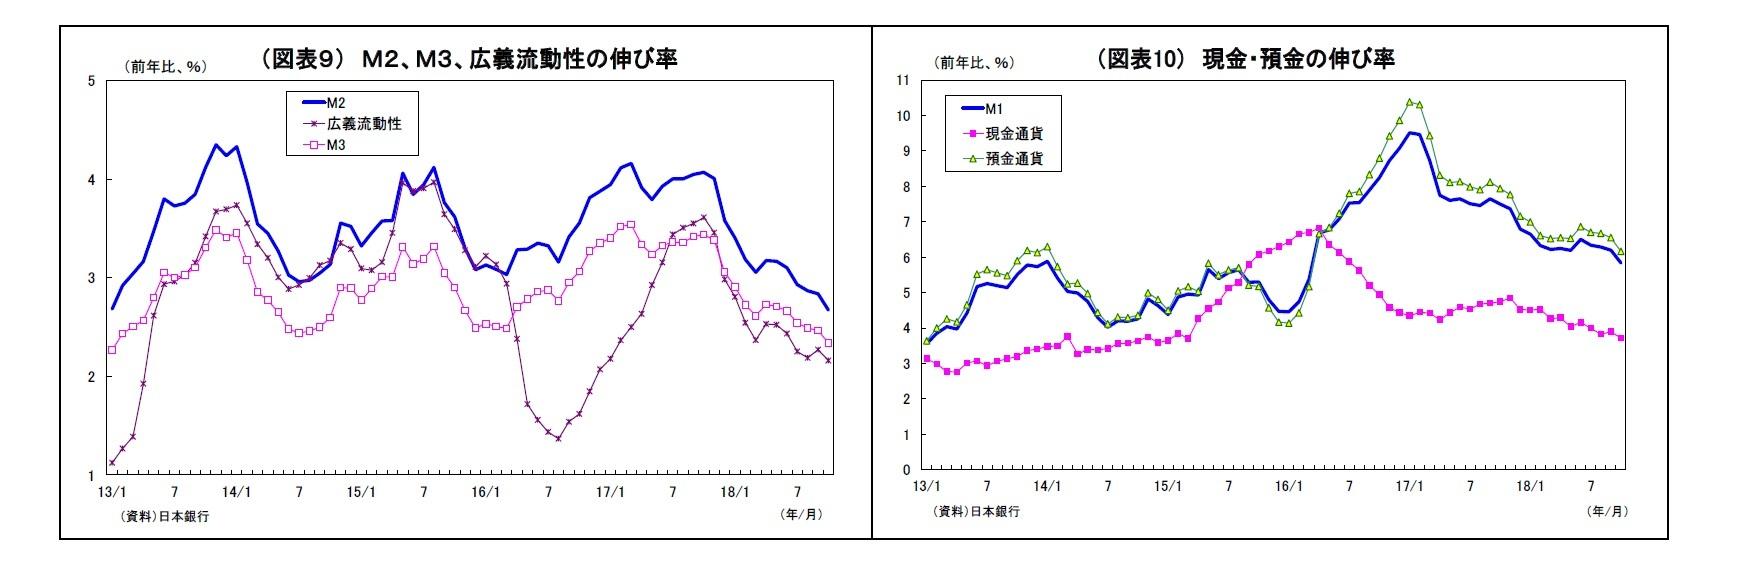 (図表9) M2、M3、広義流動性の伸び率/(図表10) 現金・預金の伸び率